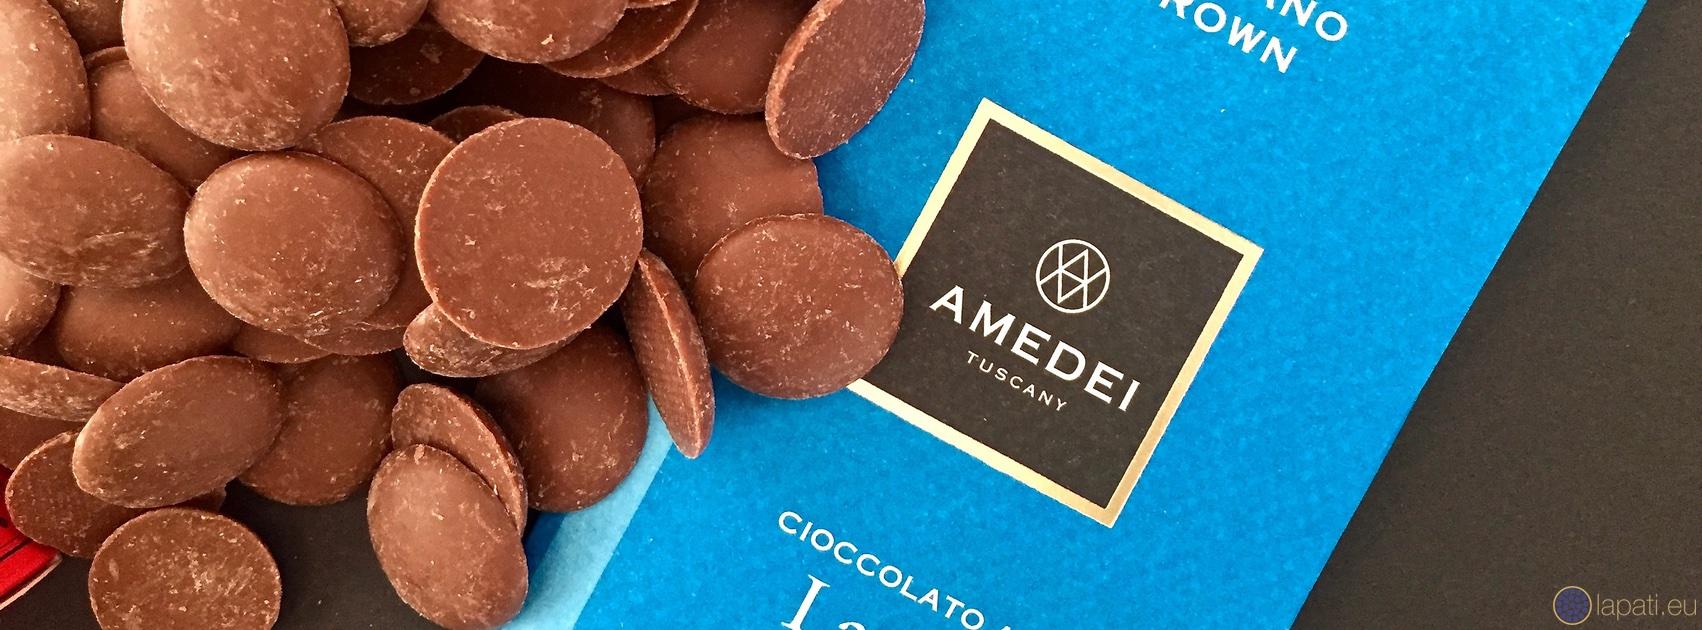 Schokolade.2